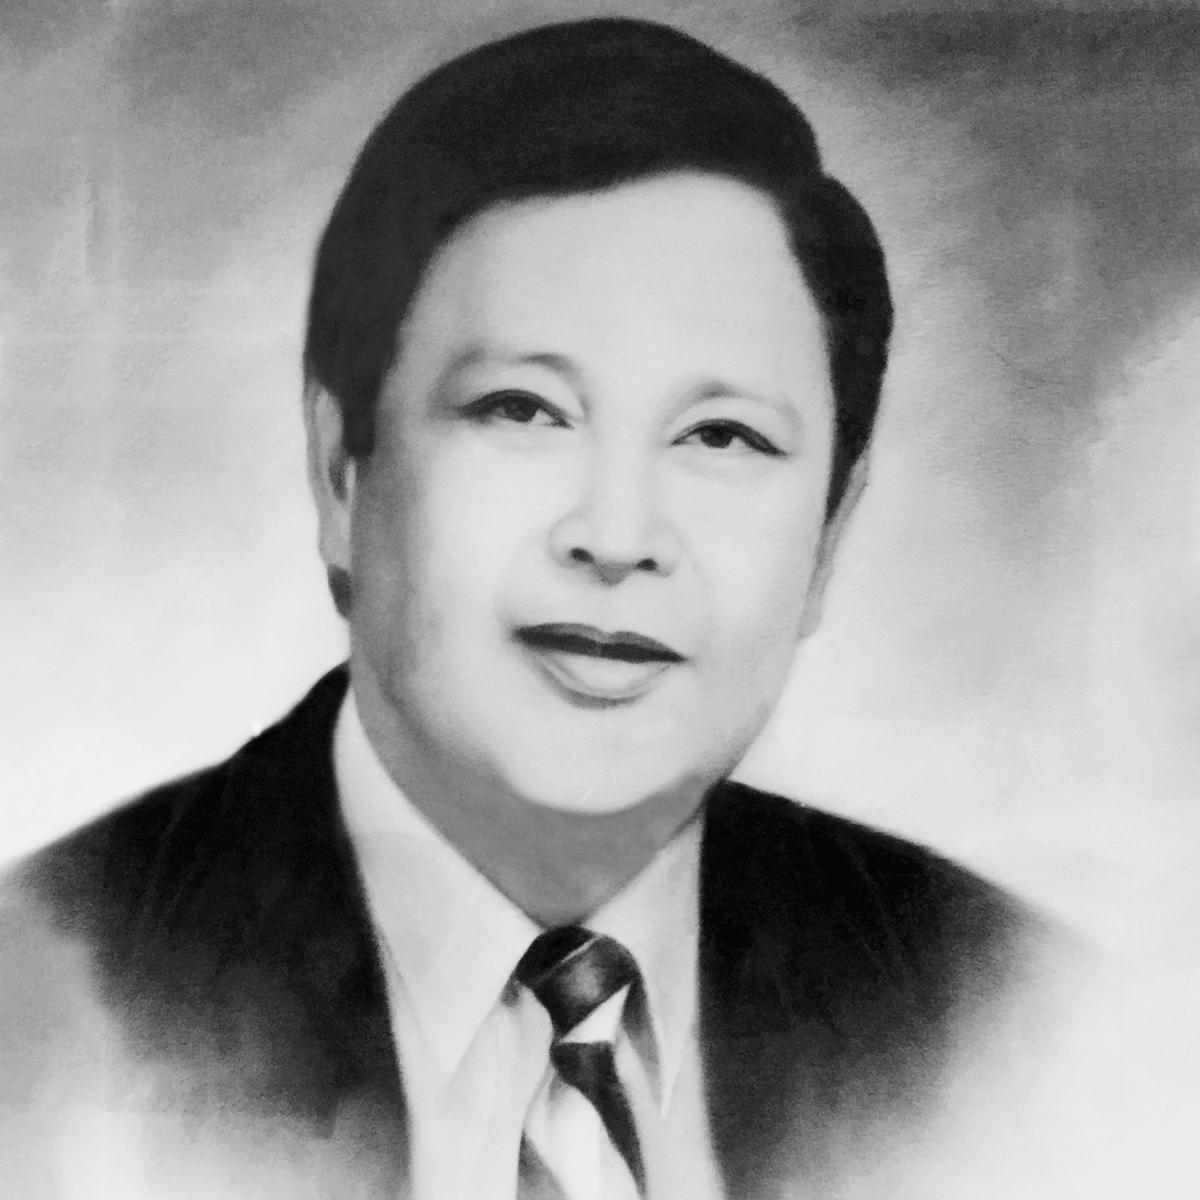 Felipe M. Tionko